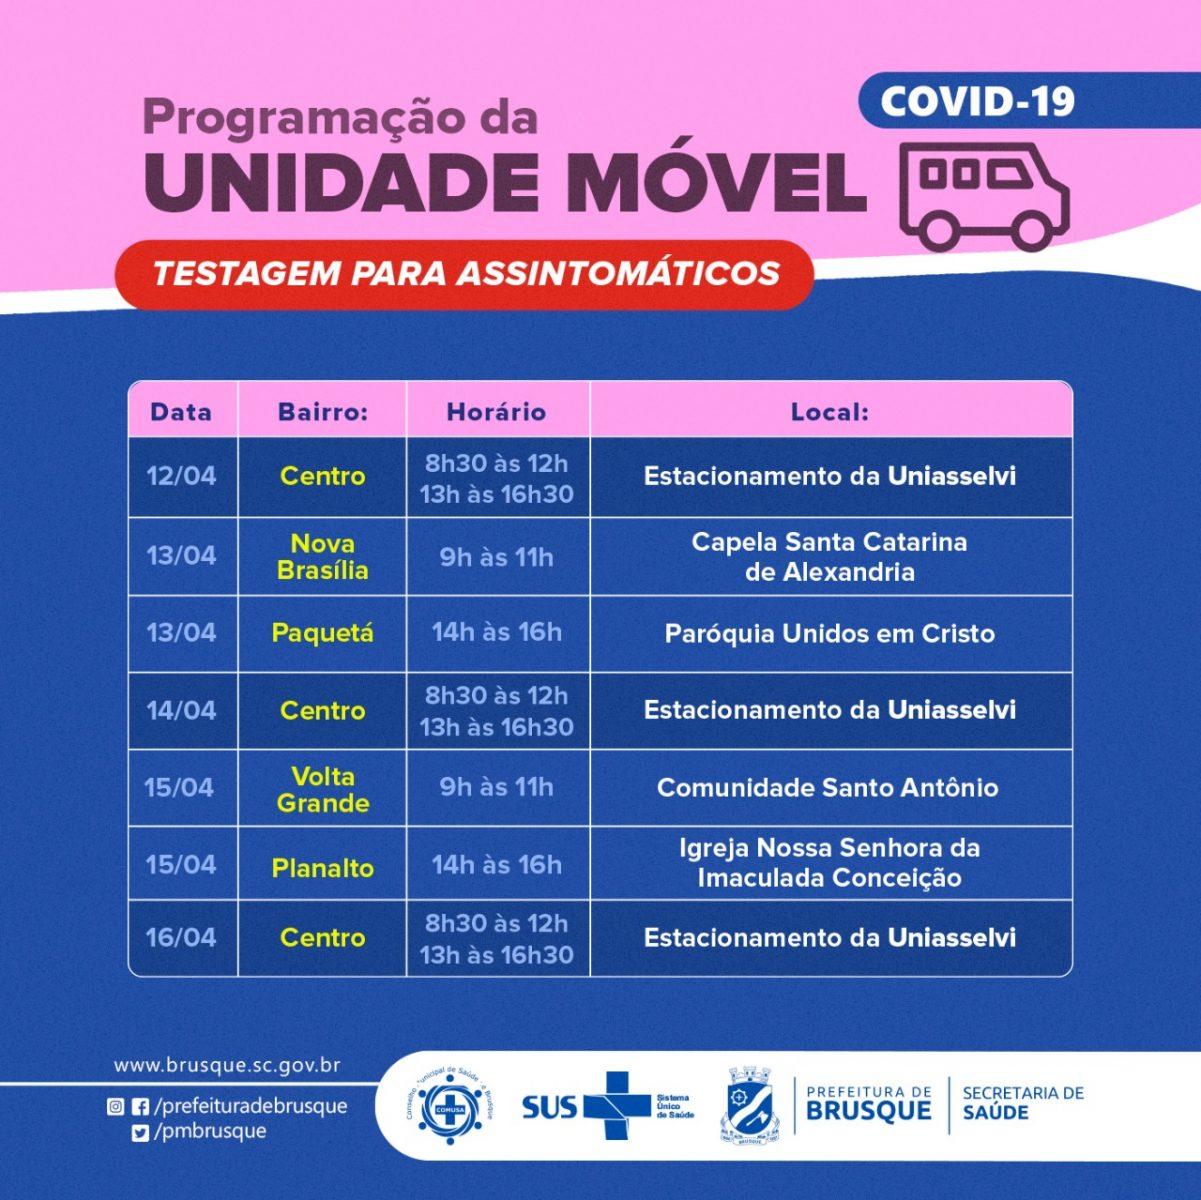 Covid-19: Unidade móvel para assintomáticos divulga agenda da próxima semana